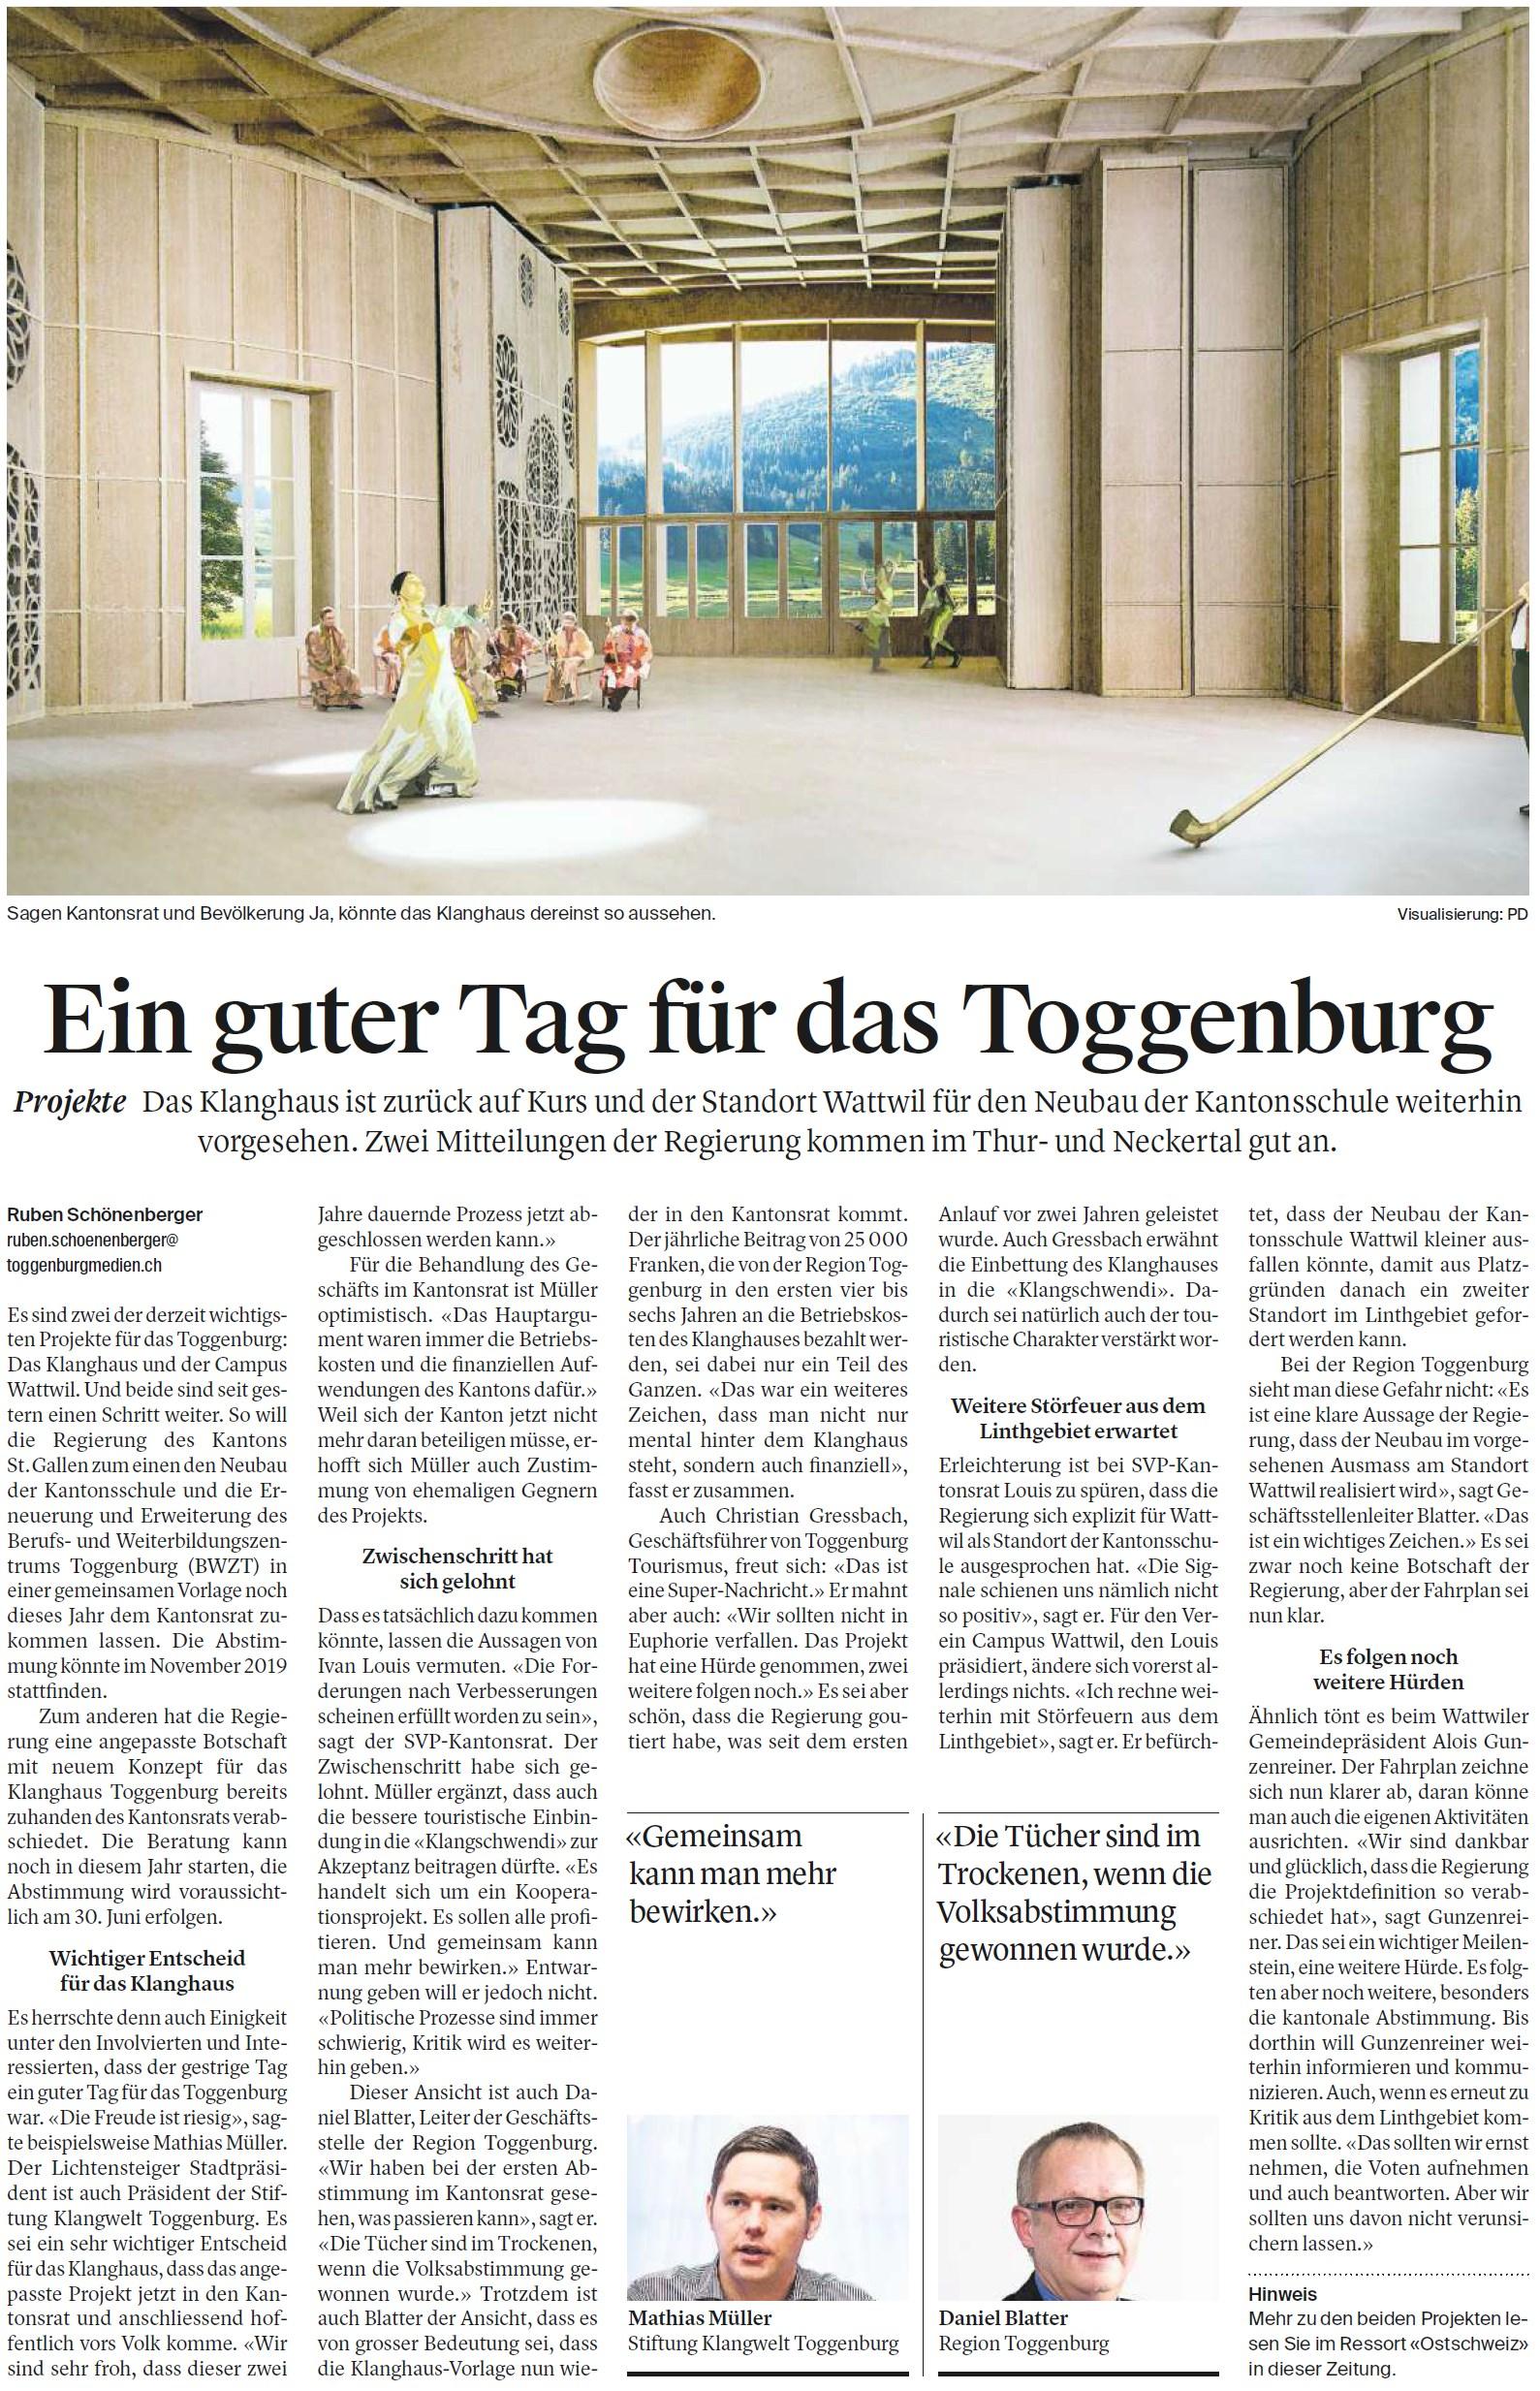 Ein guter Tag für das Toggenburg (Samstag, 18.08.2018)